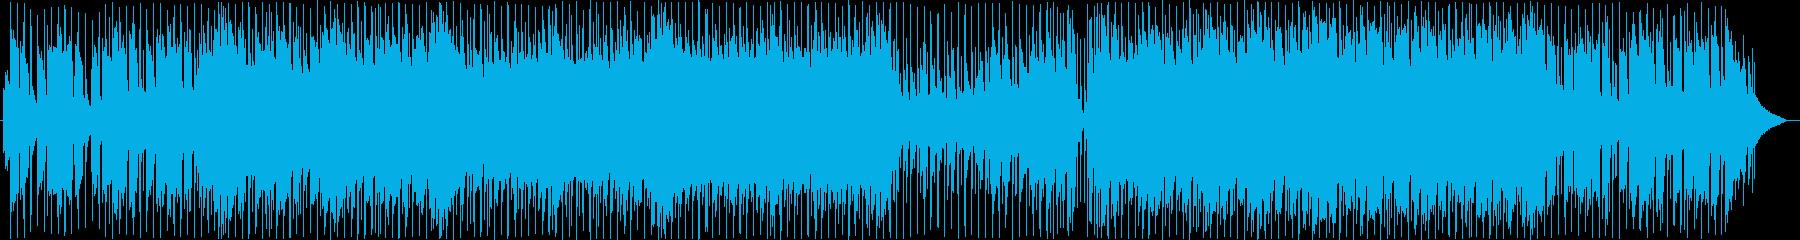 ピアノ中心の切ないミドルバラードの再生済みの波形